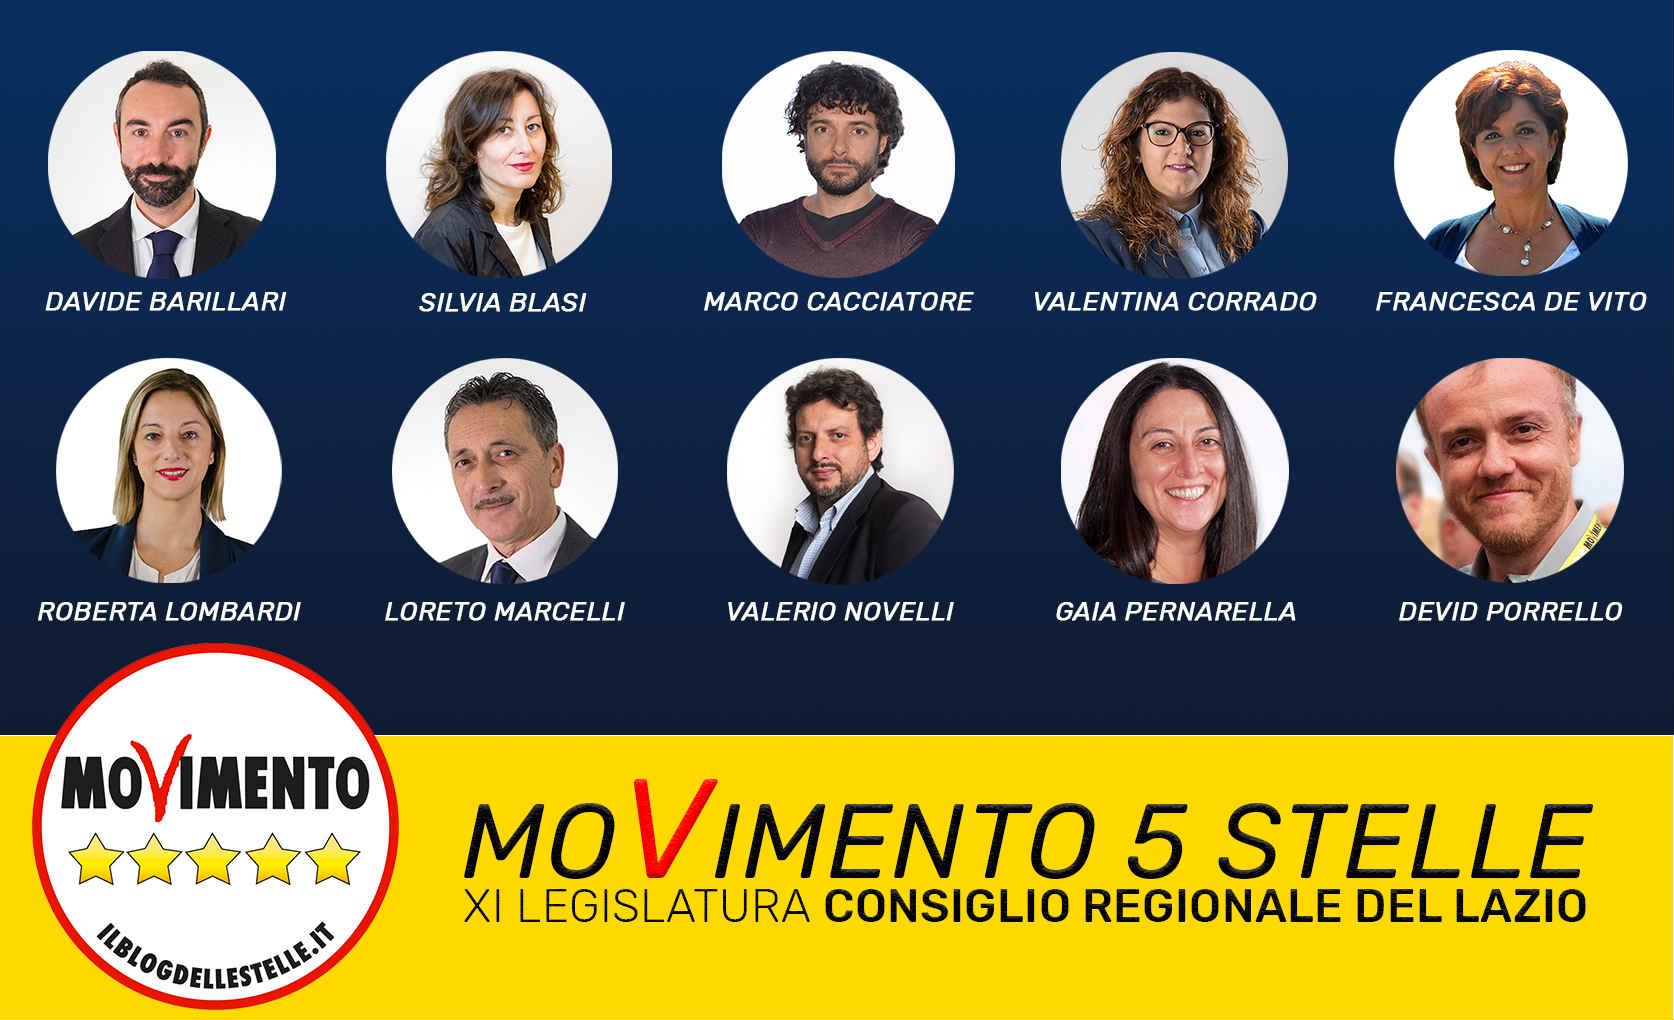 10 nuovi portavoce del movimento 5 stelle in regione lazio for Esponenti movimento 5 stelle